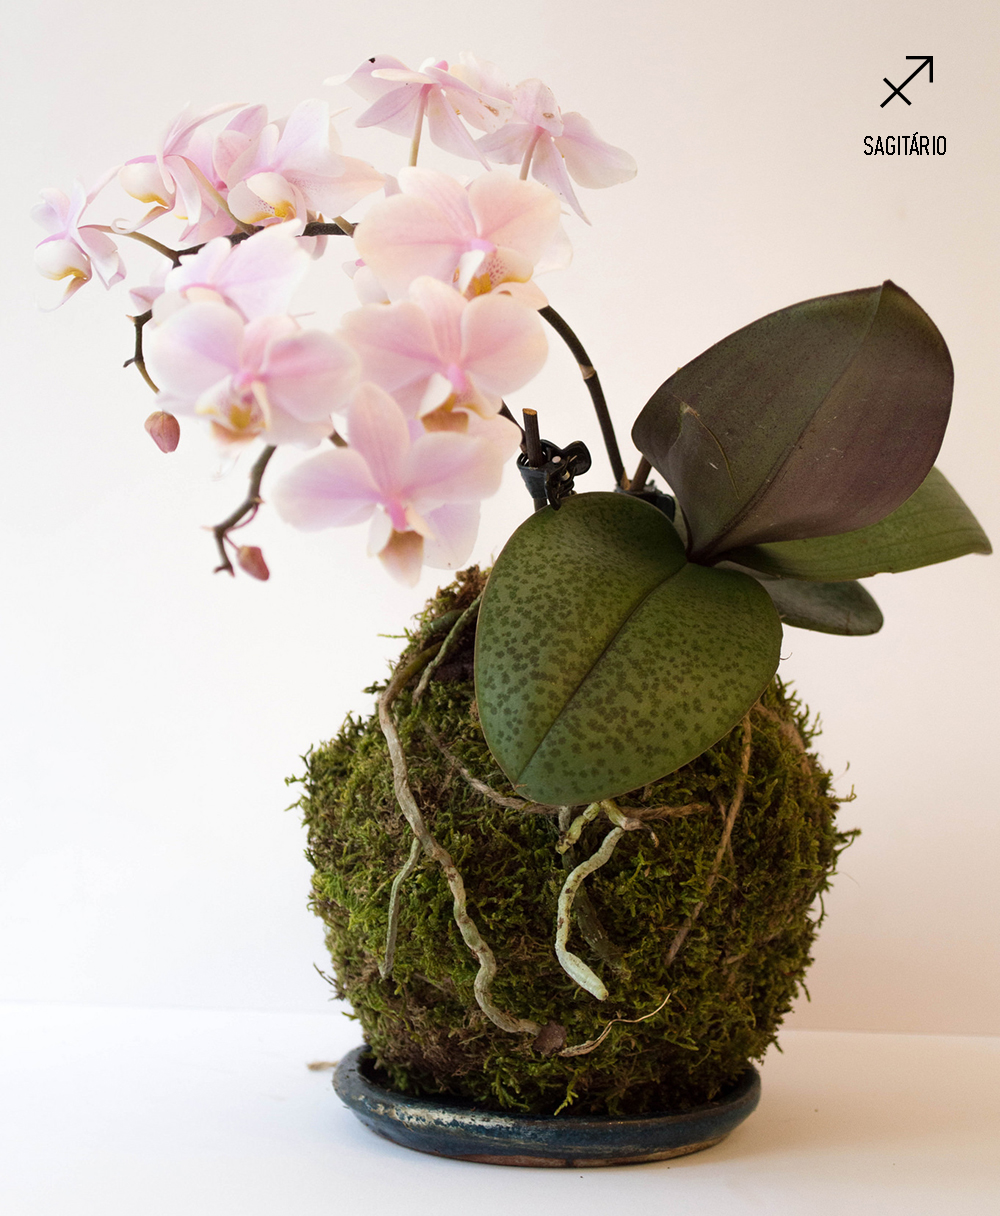 plantas-dos-signos-kokedama-de-orquidea-aquario